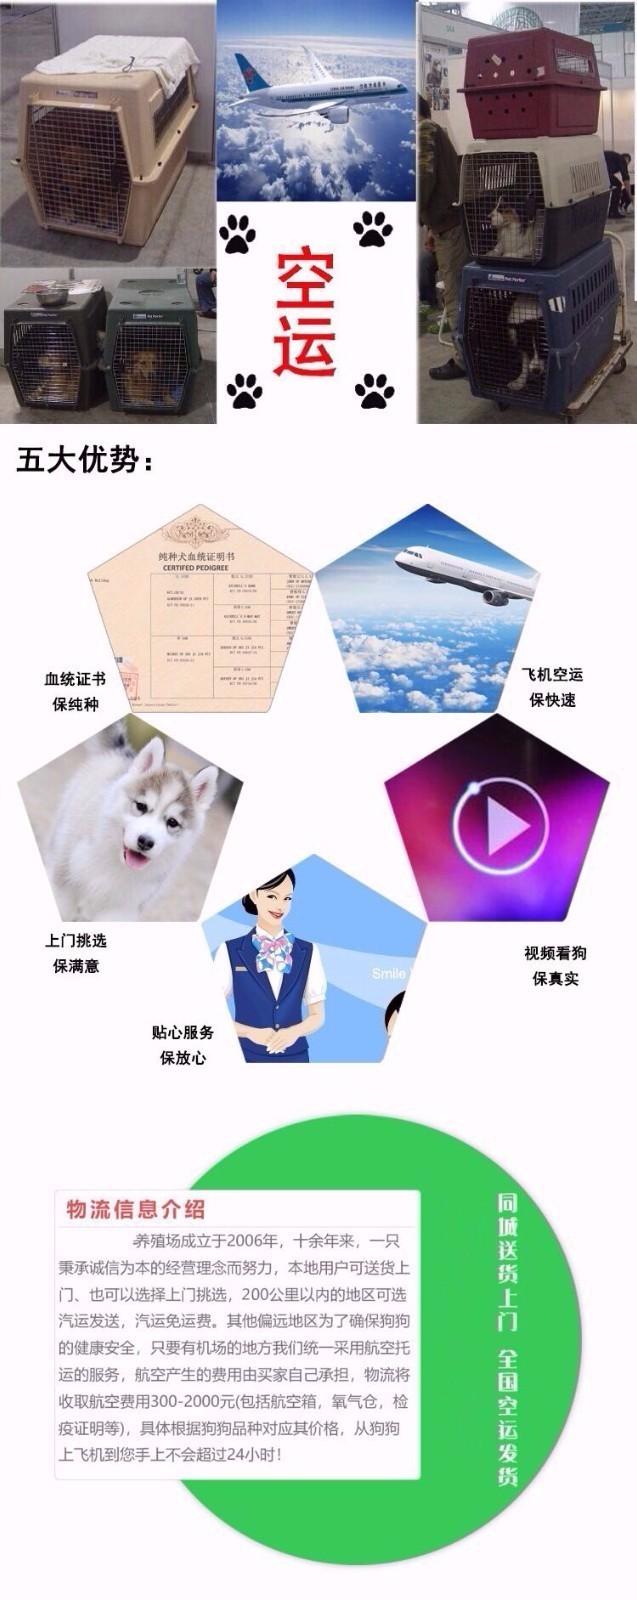 南京出售纯种贵宾幼犬, 健康终身保障签协议送狗用品17